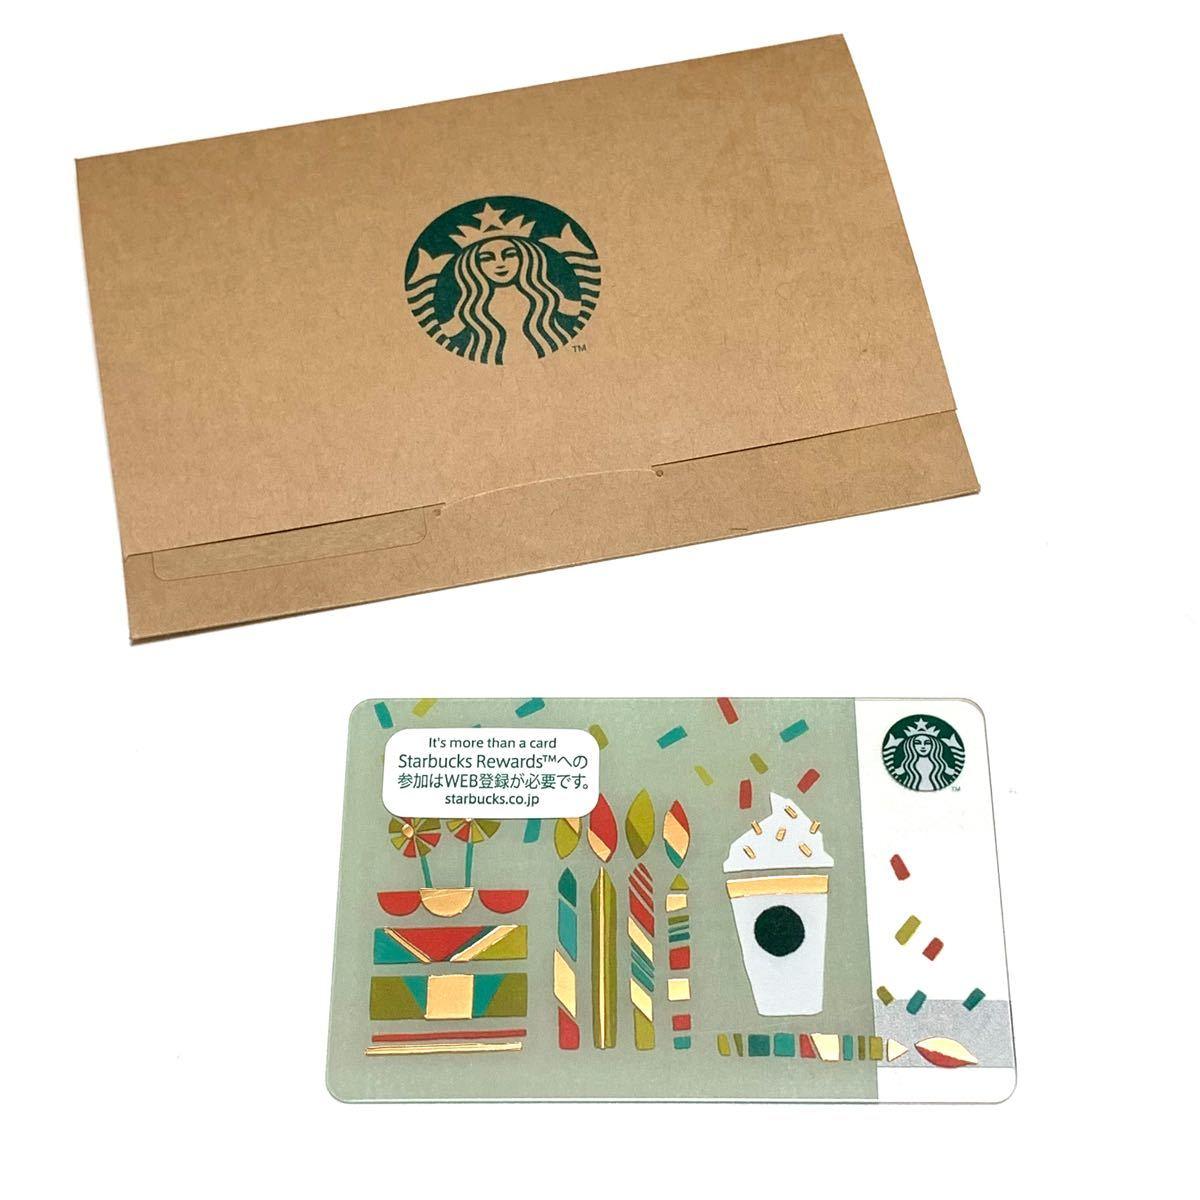 スターバックス カード スタバカード プラスチック セレブレーション